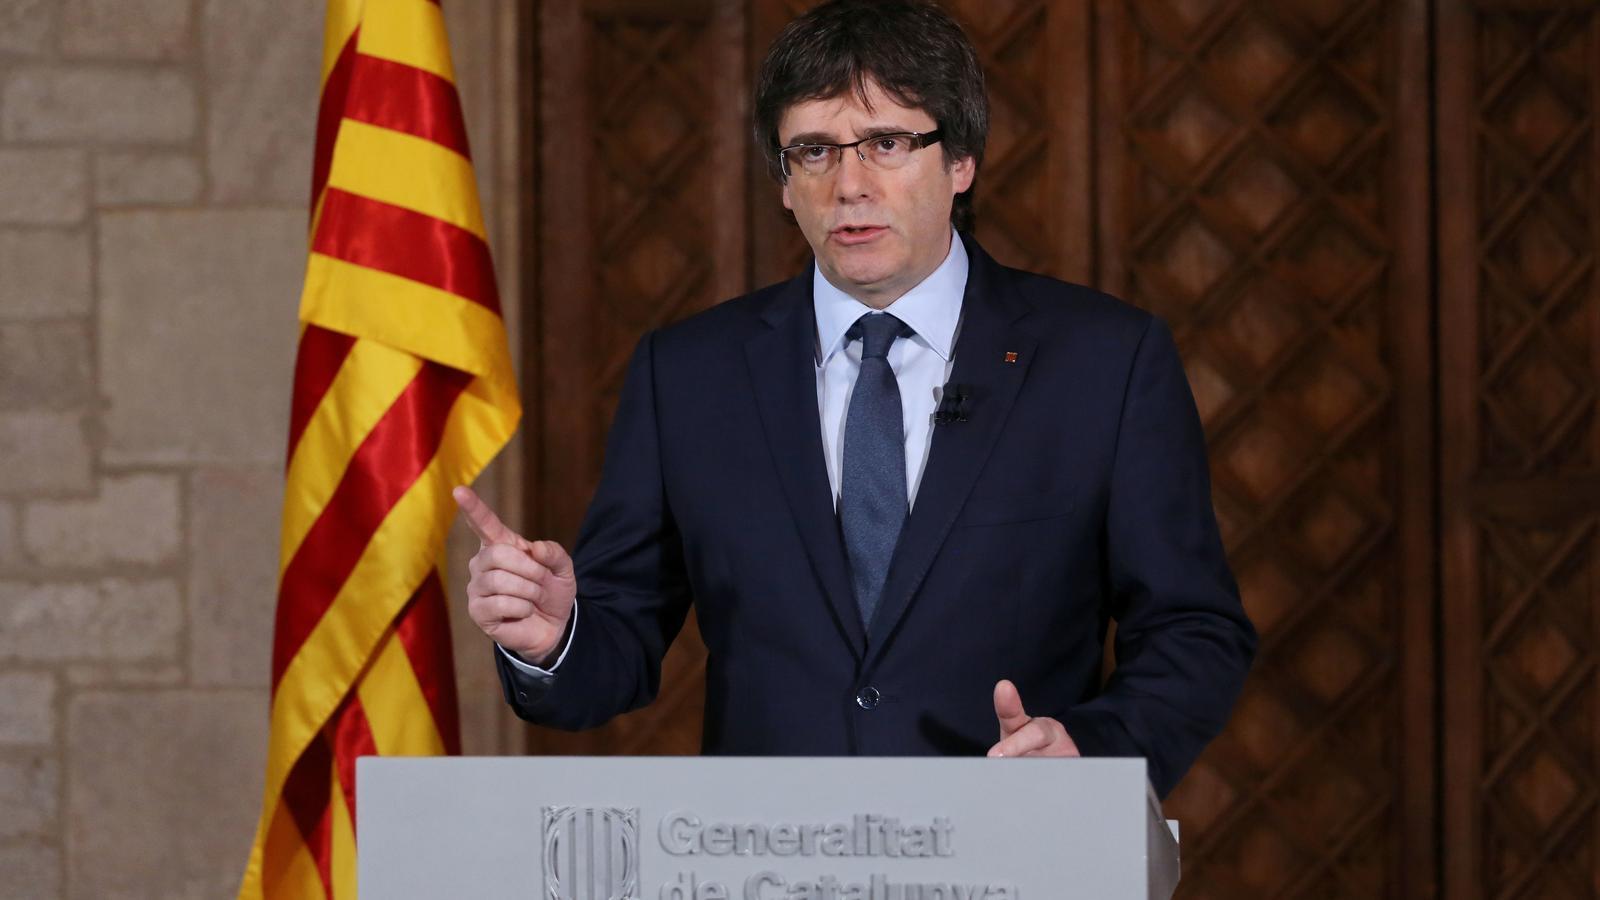 EN DIRECTE: Puigdemont i Junqueras anuncien els canvis al Govern per blindar l'1-O